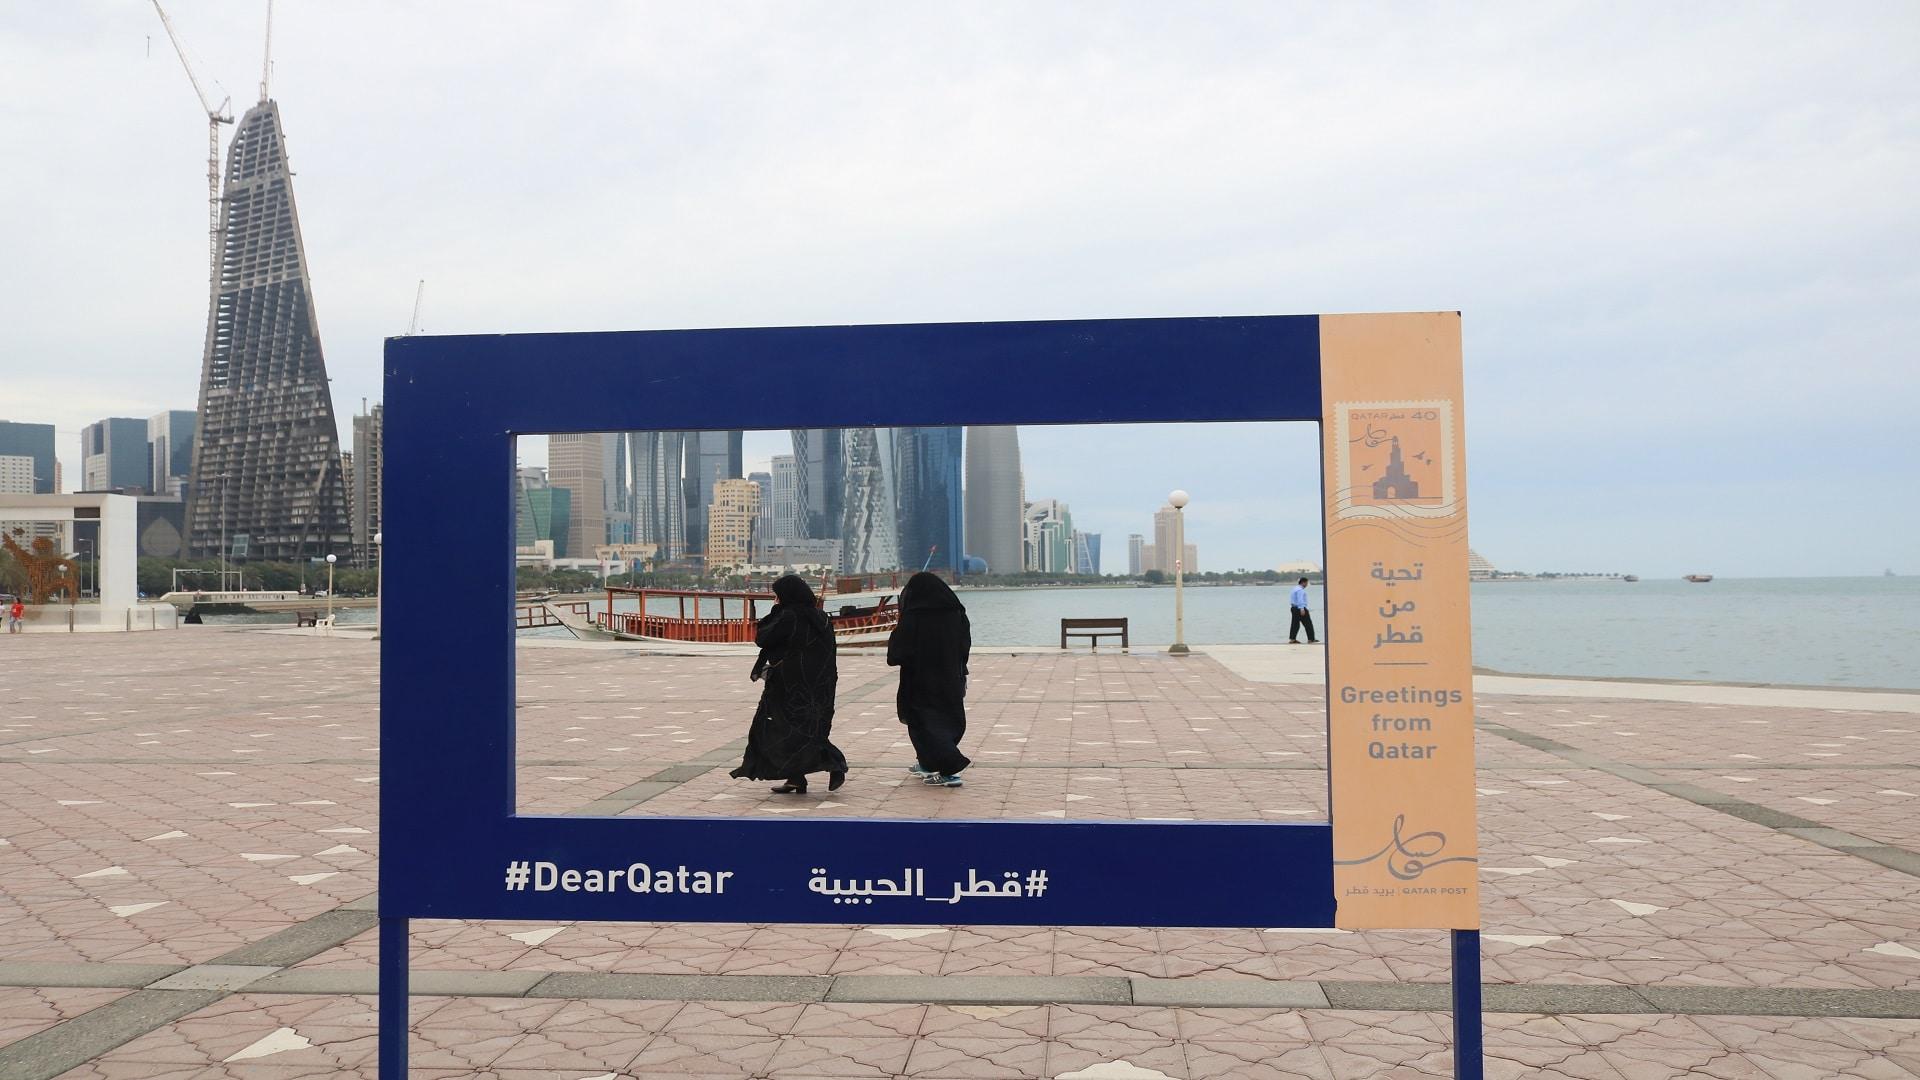 أمير سعودي يدافع عن بنات قطر بعد تقرير هيومن رايتس ووتش